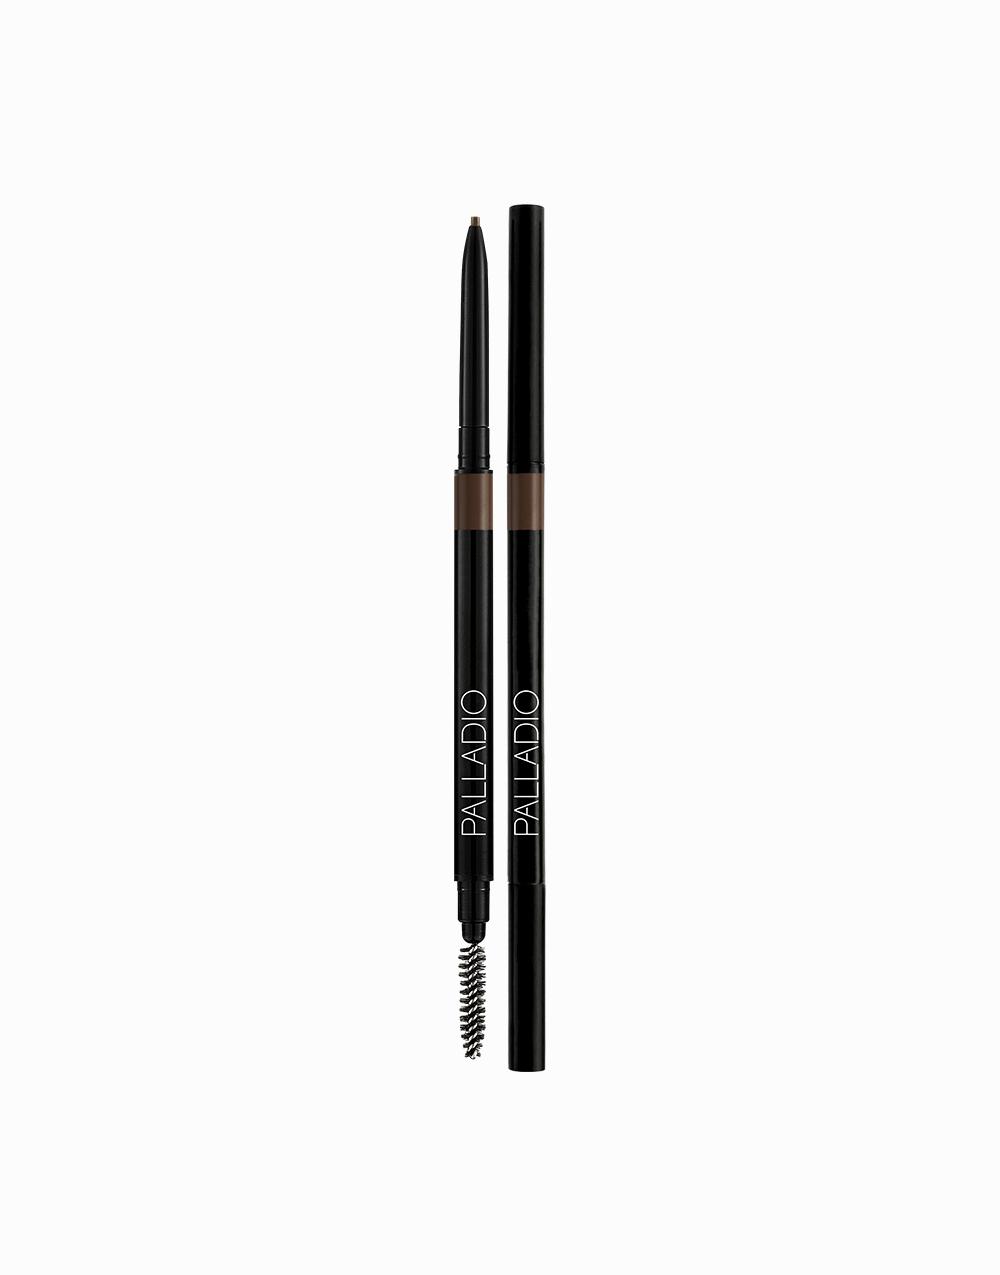 The Brow Definer Micro Pencil by Palladio | Ash Brown